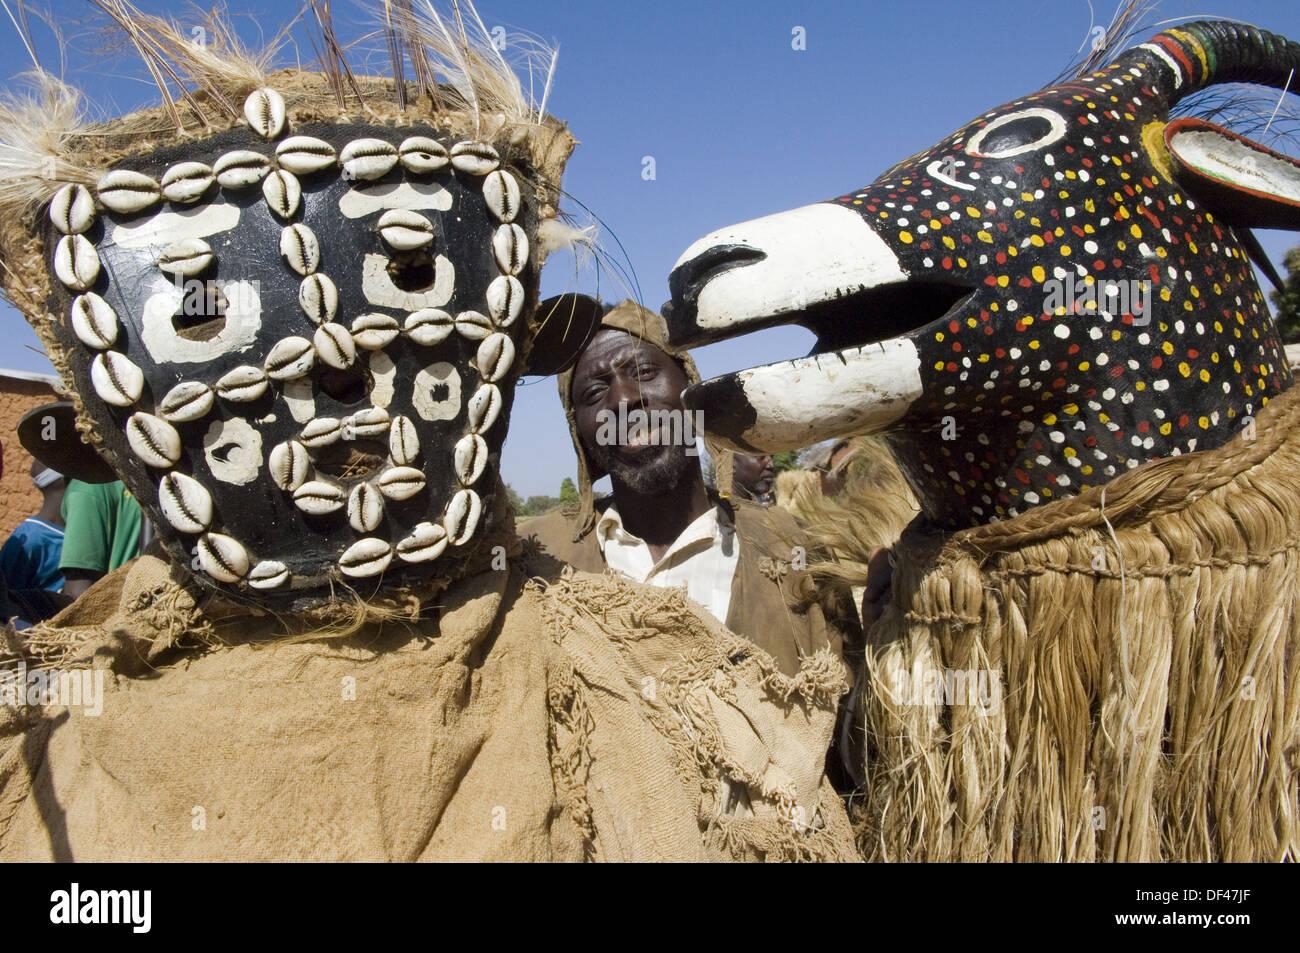 Senoufo masks, Festivities, Loulouni Village, Sikasso area, Mali, Africa. - Stock Image